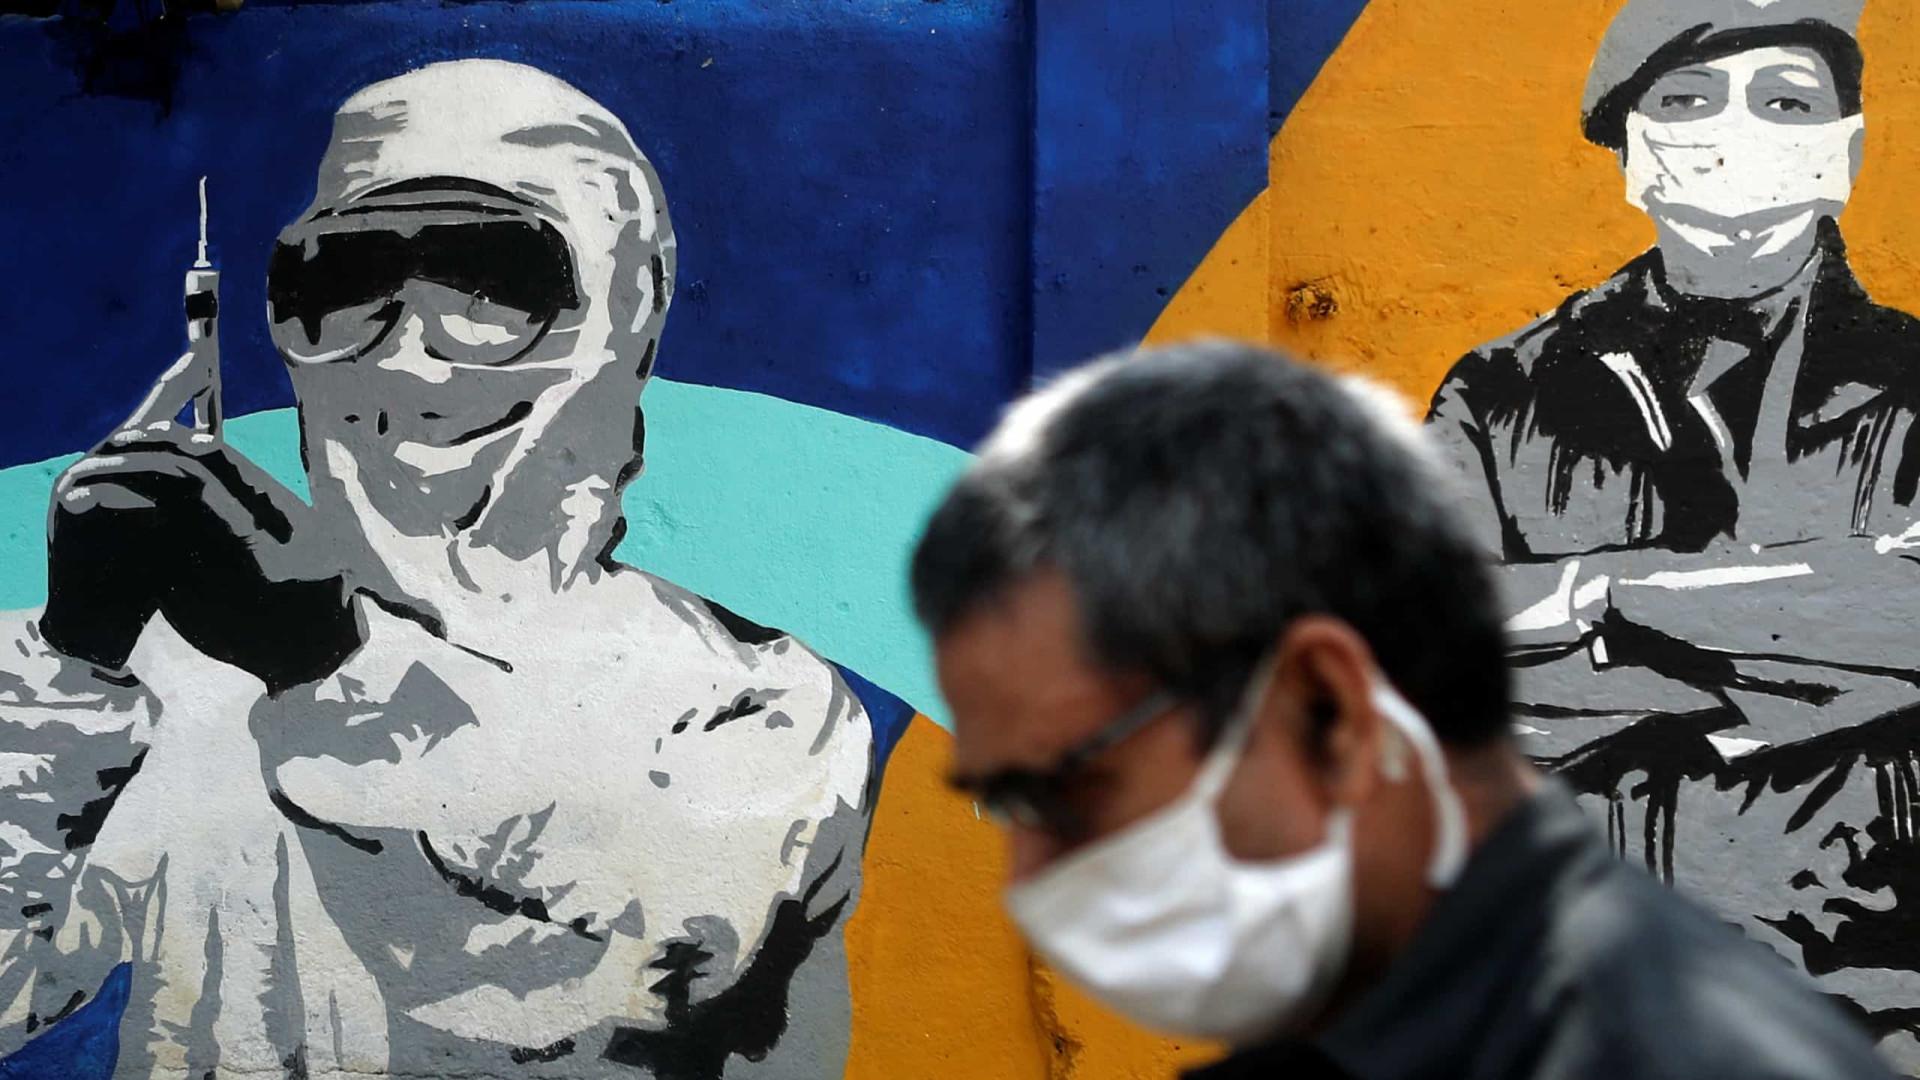 Mundo: vírus matou quase 480 mil pessoas e infectou mais de 9,3 milhões